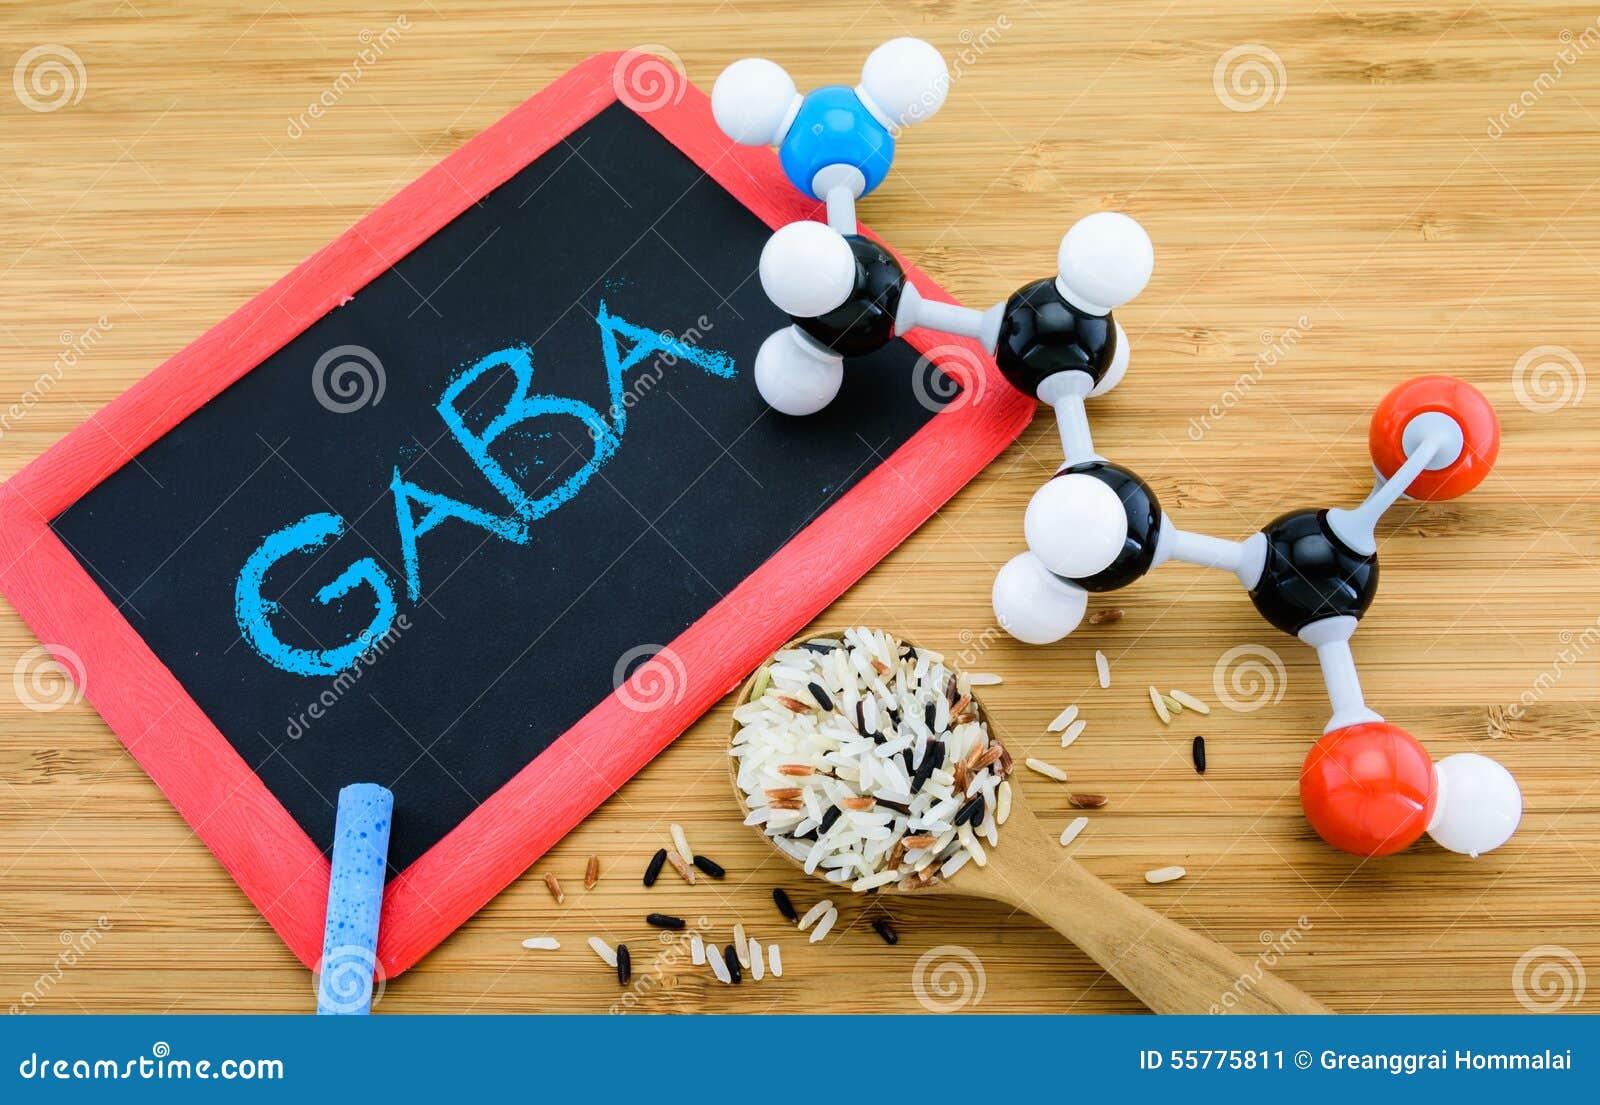 Acide Gamma-aminobutyrique (GABA) en riz germé